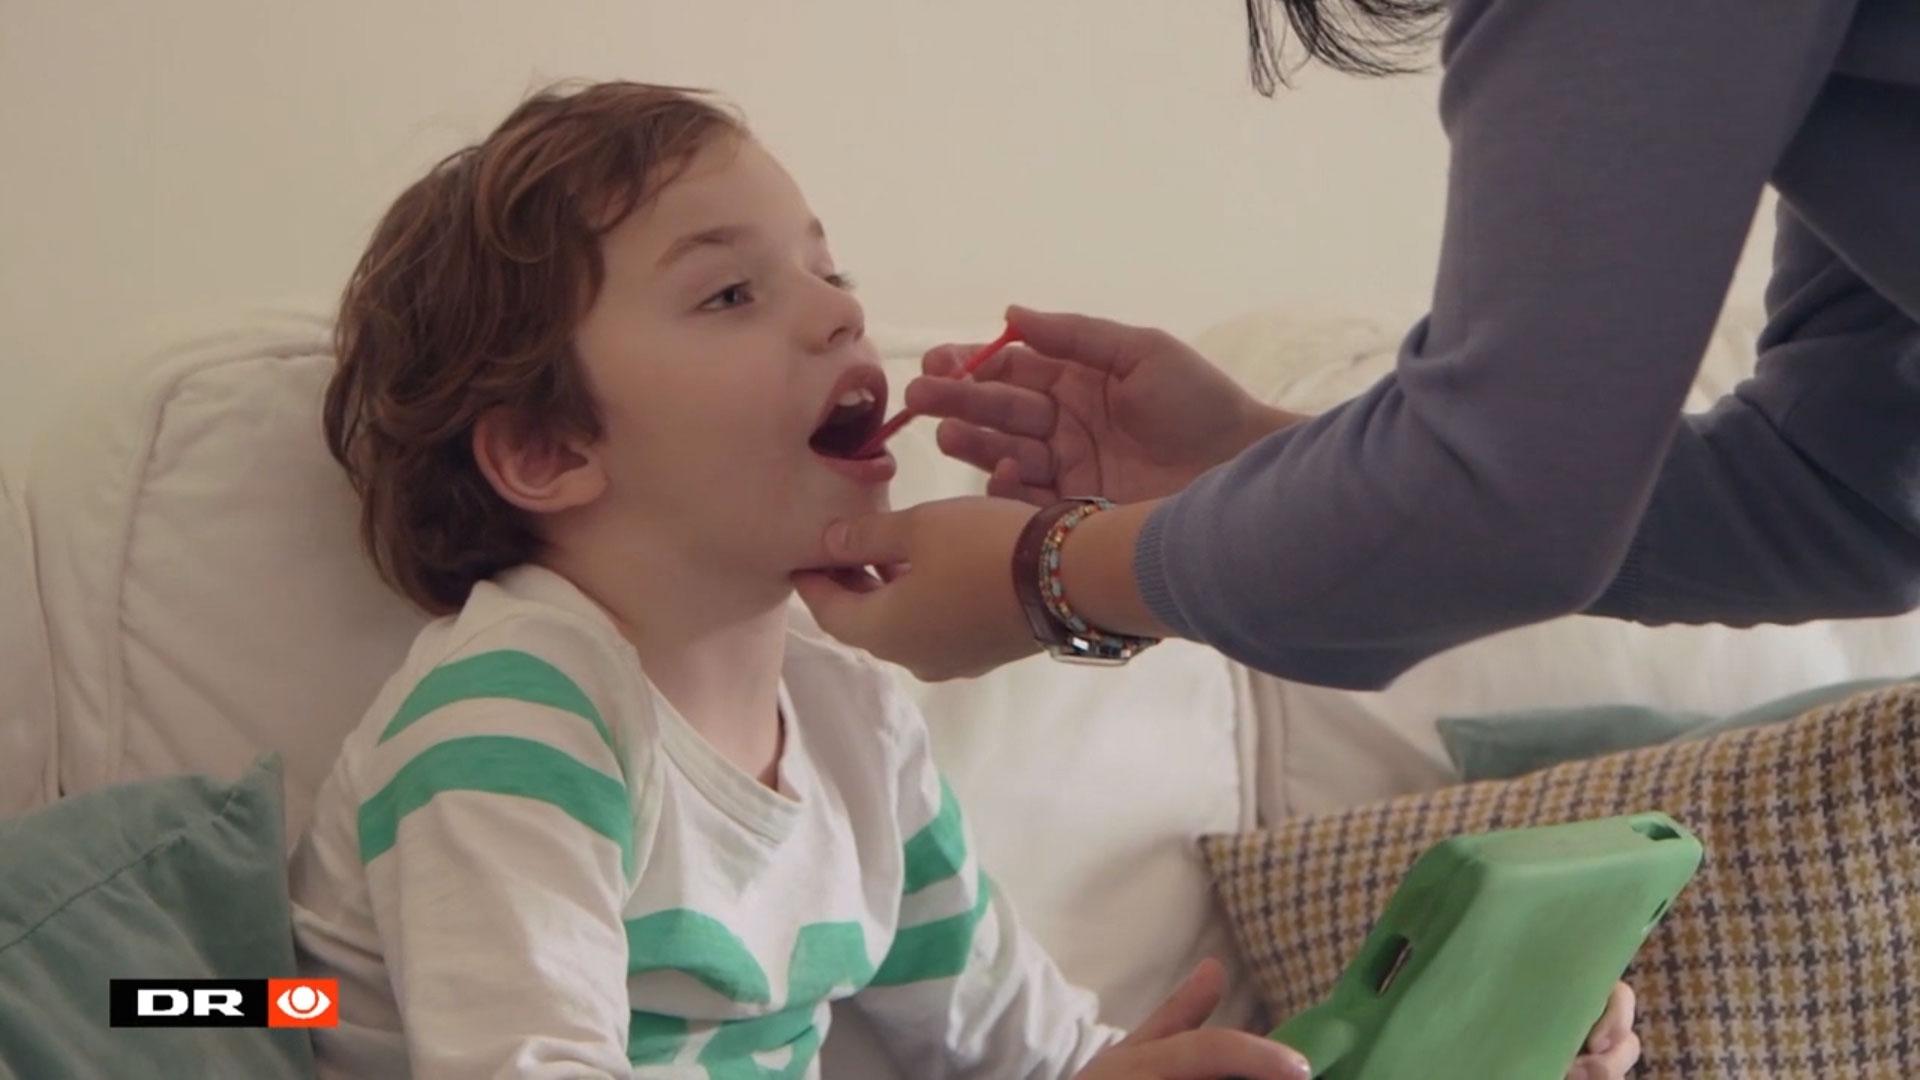 Cannabismedicinen har ikke gjort Valentin anfaldsfri, men ifølge forældrene kommer han sig hurtigere efter anfaldene